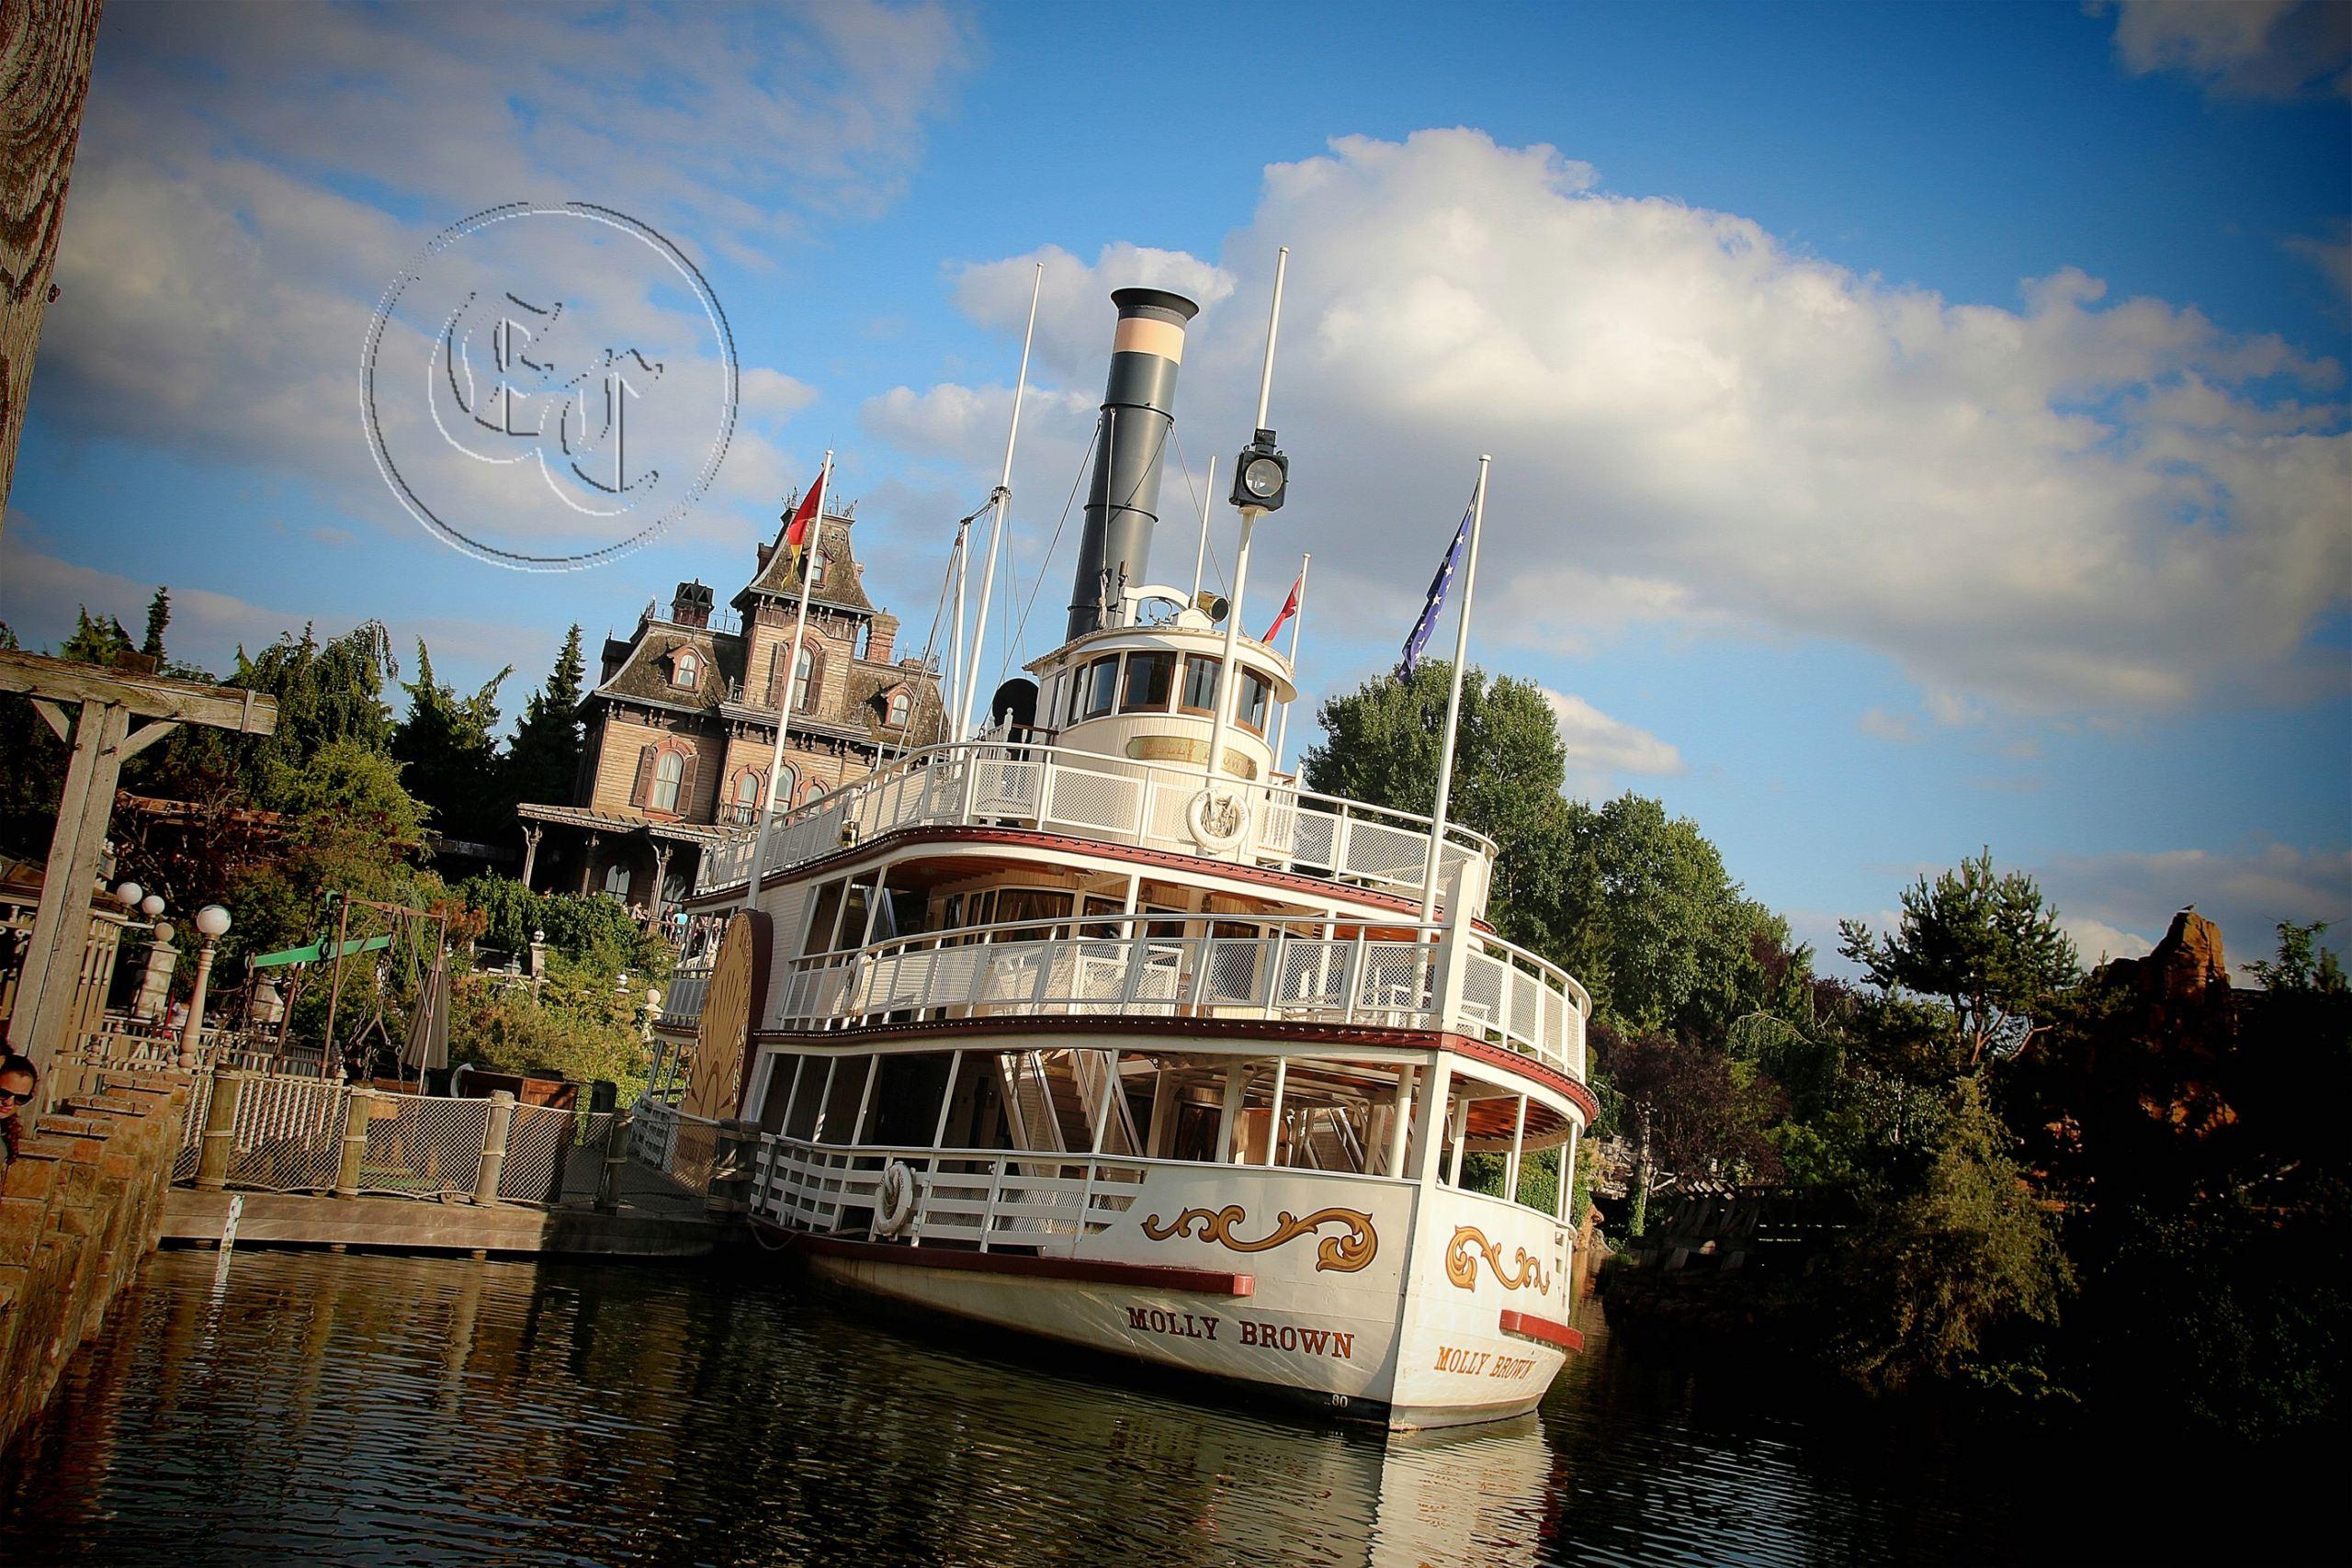 Curiosità e piccoli segreti al Disneyland park - Pagina 3 A351th10